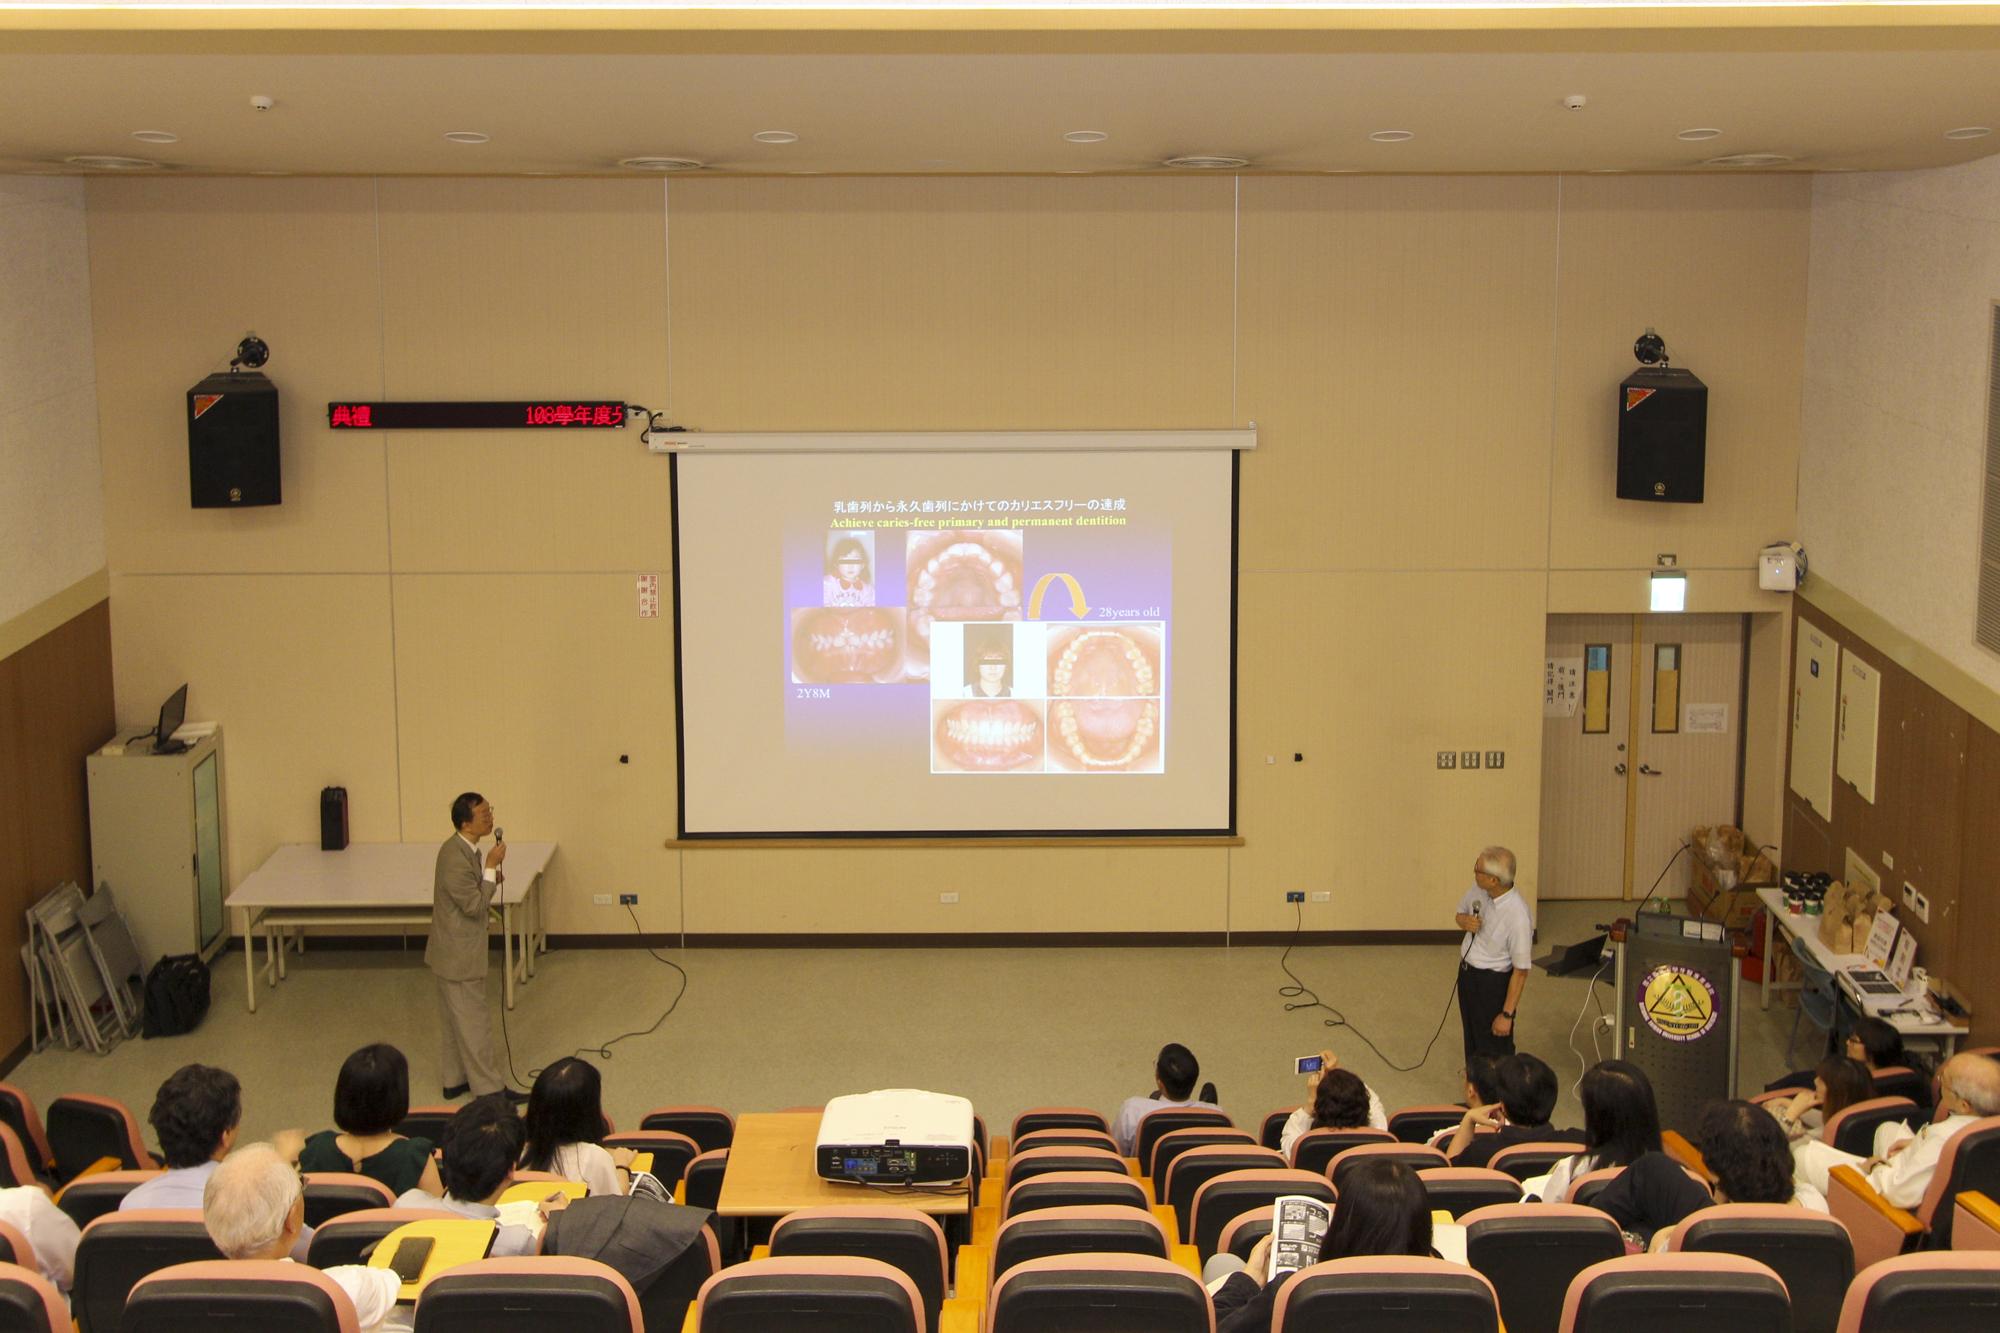 国立台湾大学牙医専業学院第八講堂にて大学病院院長はじめ勤務歯科医師と学生に演題「Creation of new value / Innovation of Dental Treatment」を講義する熊谷先生